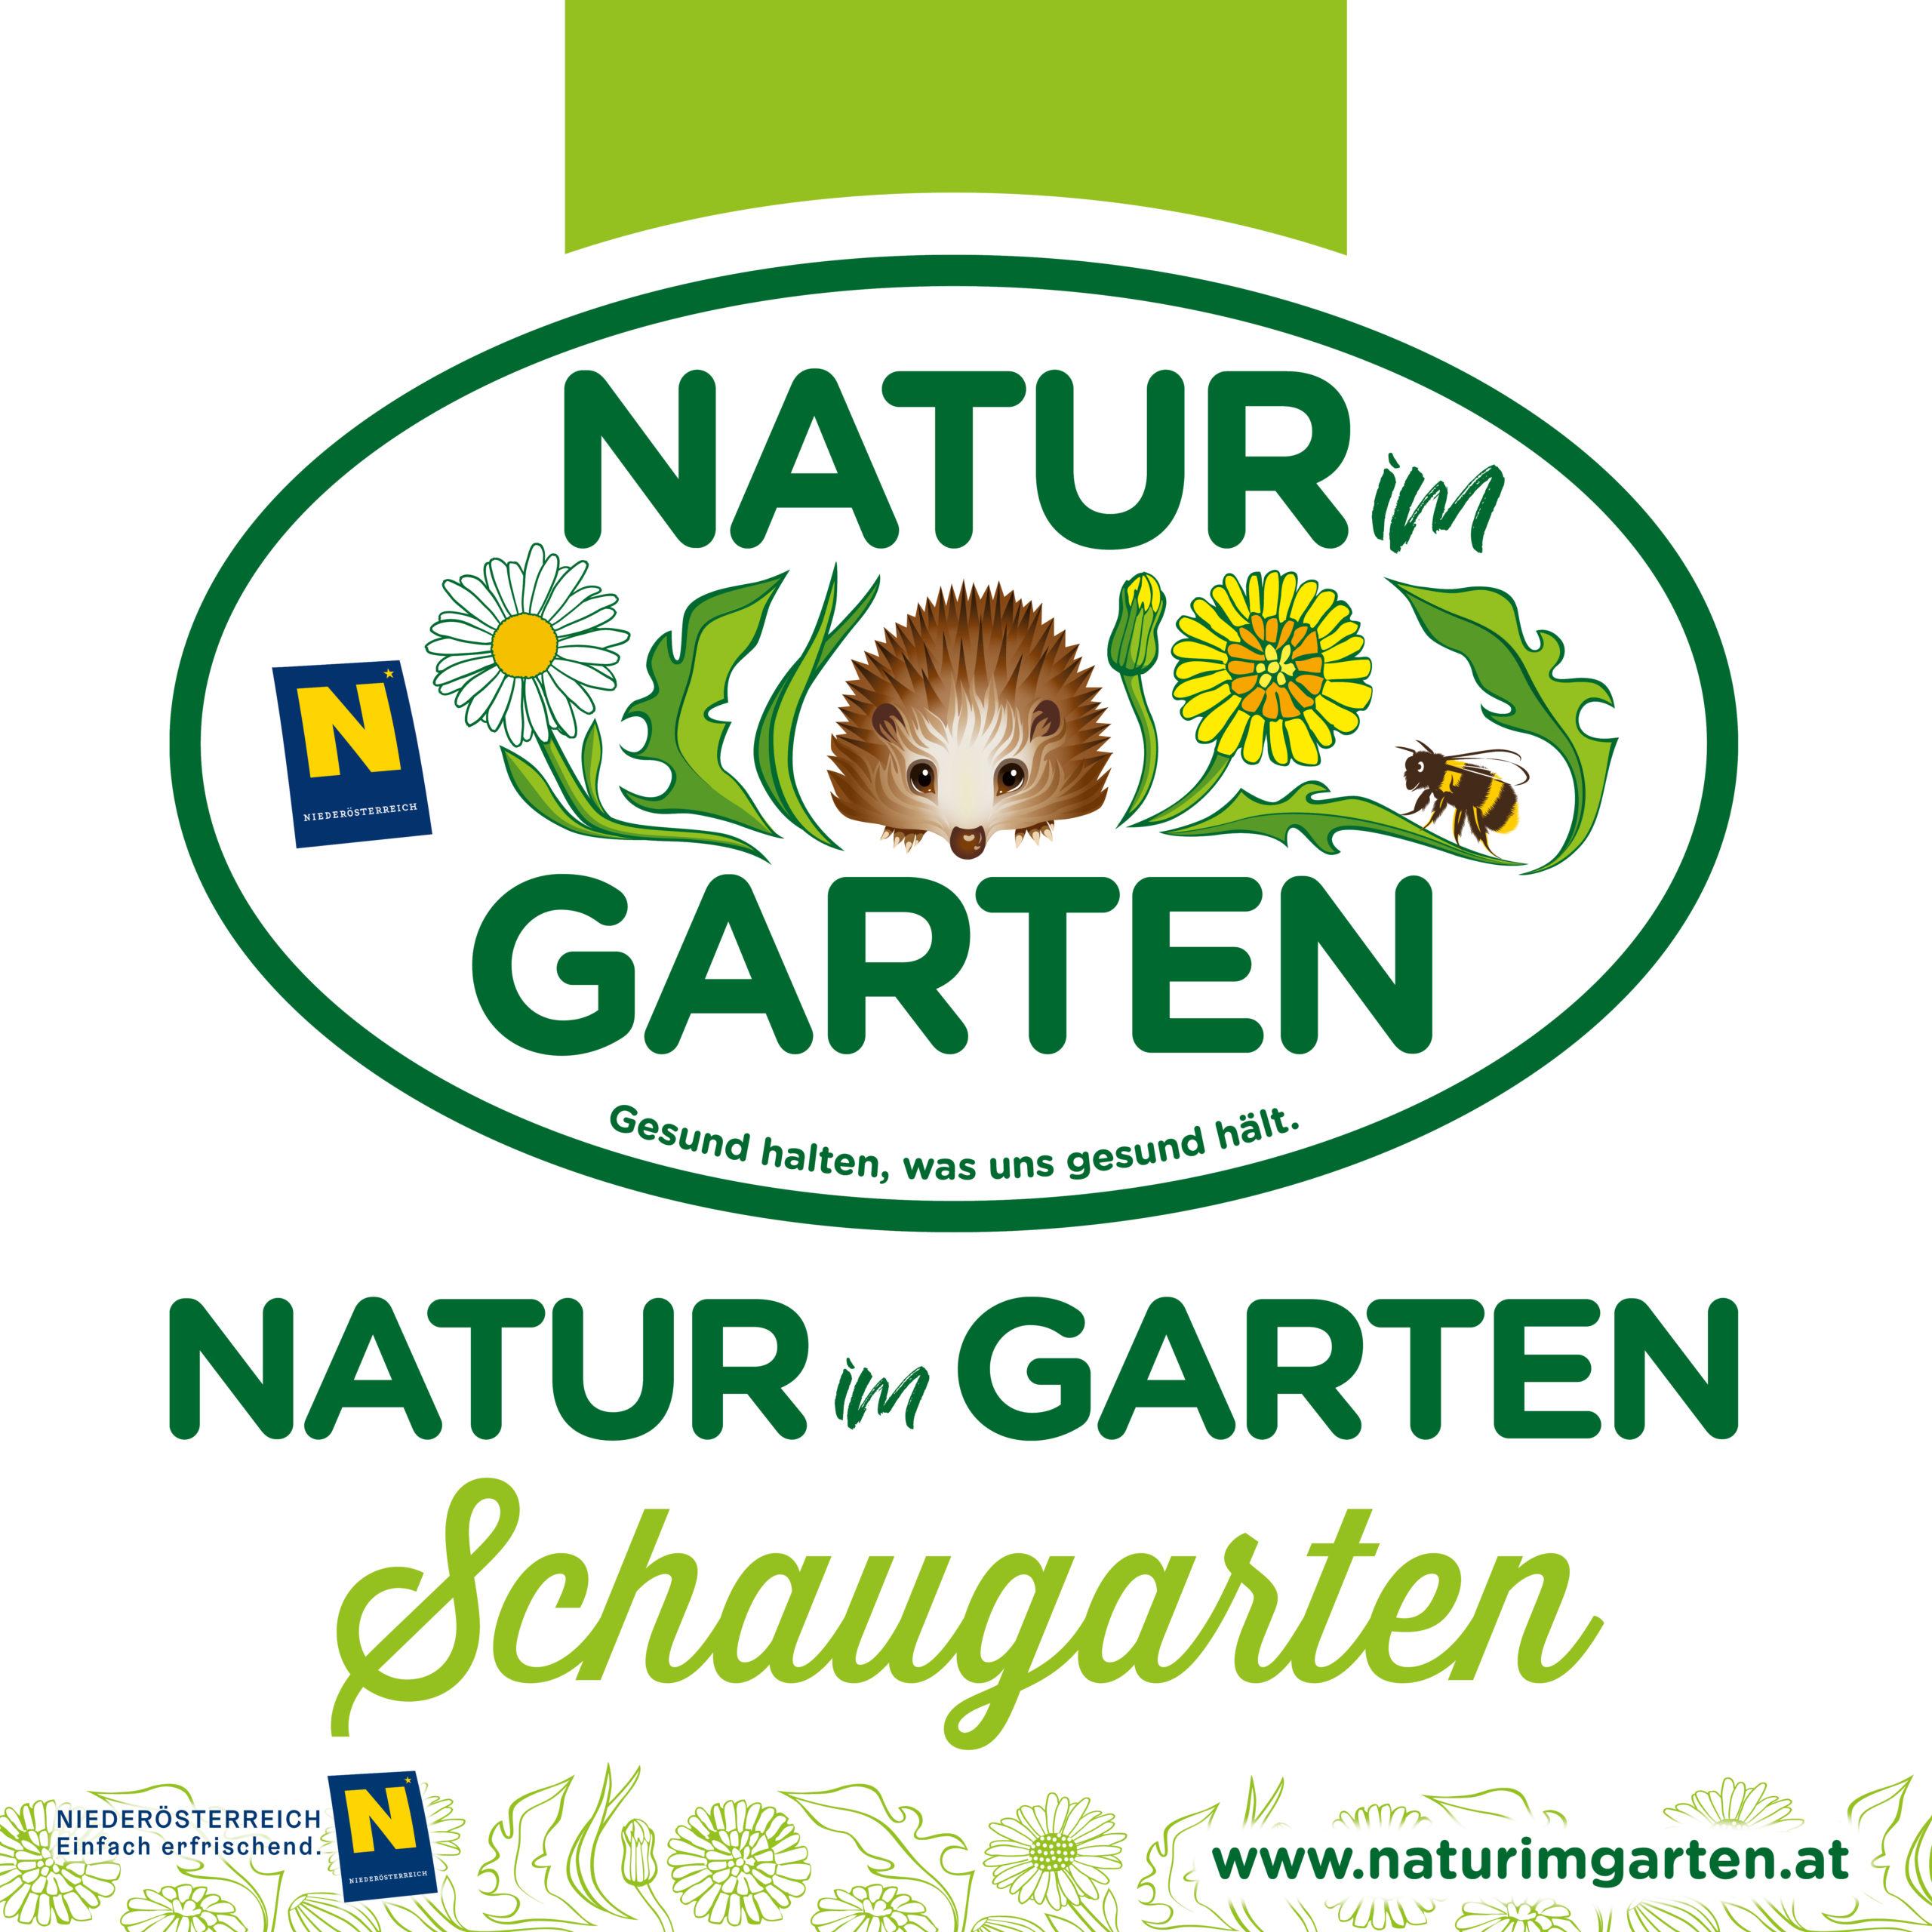 Natur im Garten Schaugarten